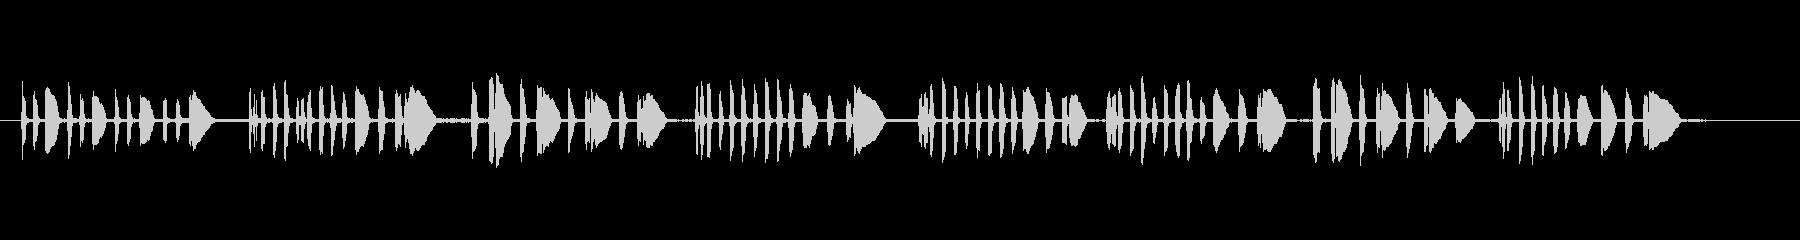 ビューグルレビュー-軍事、ビューグ...の未再生の波形